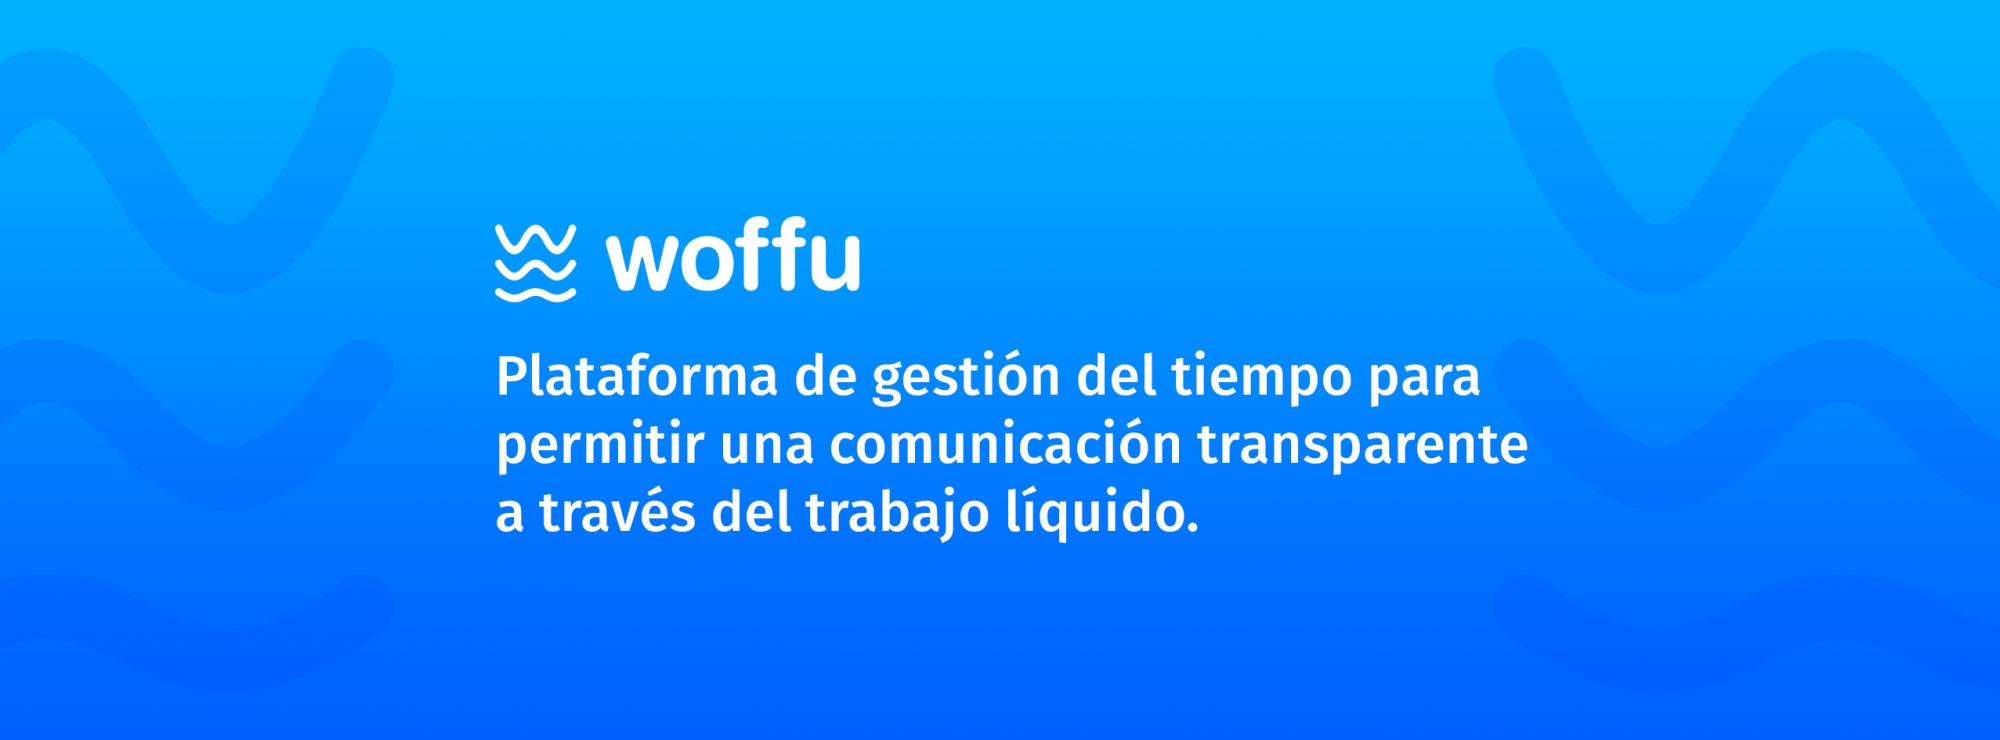 firma woffu